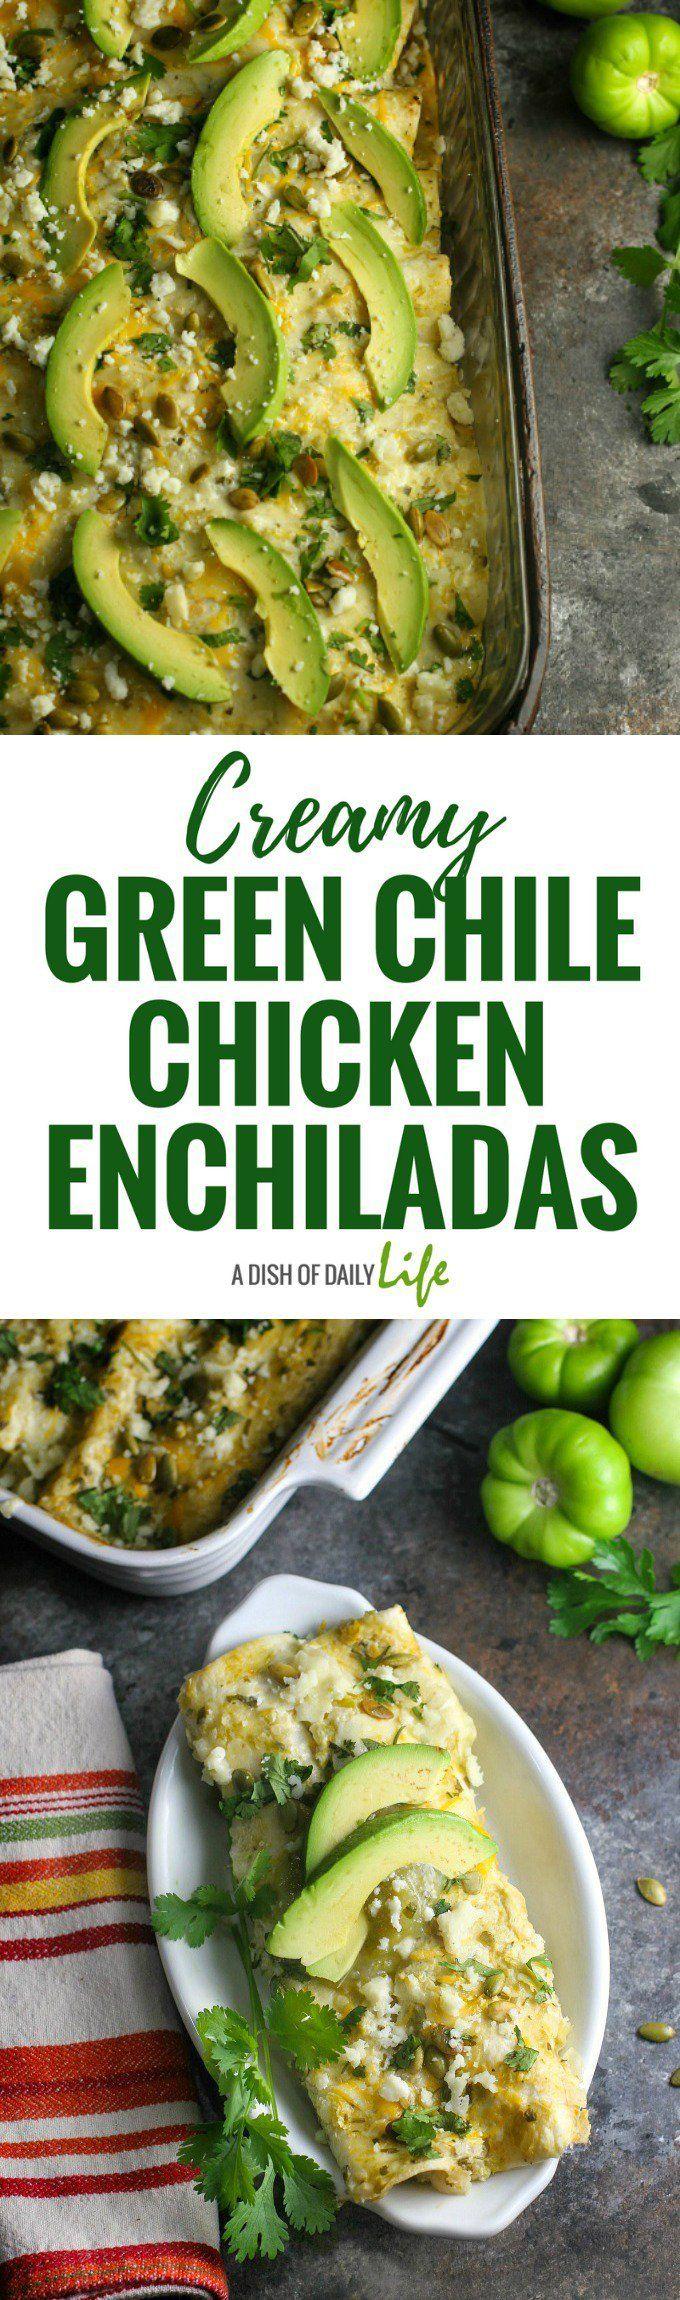 Greek yogurt gives these yummy Creamy Green Chile Chicken Enchiladas a health boost!  Mexican |  Chicken | Main Dishes | Green Chile Sauce | Green Chile Enchilada Sauce | Tex-Mex | Southwestern recipes | Greek yogurt